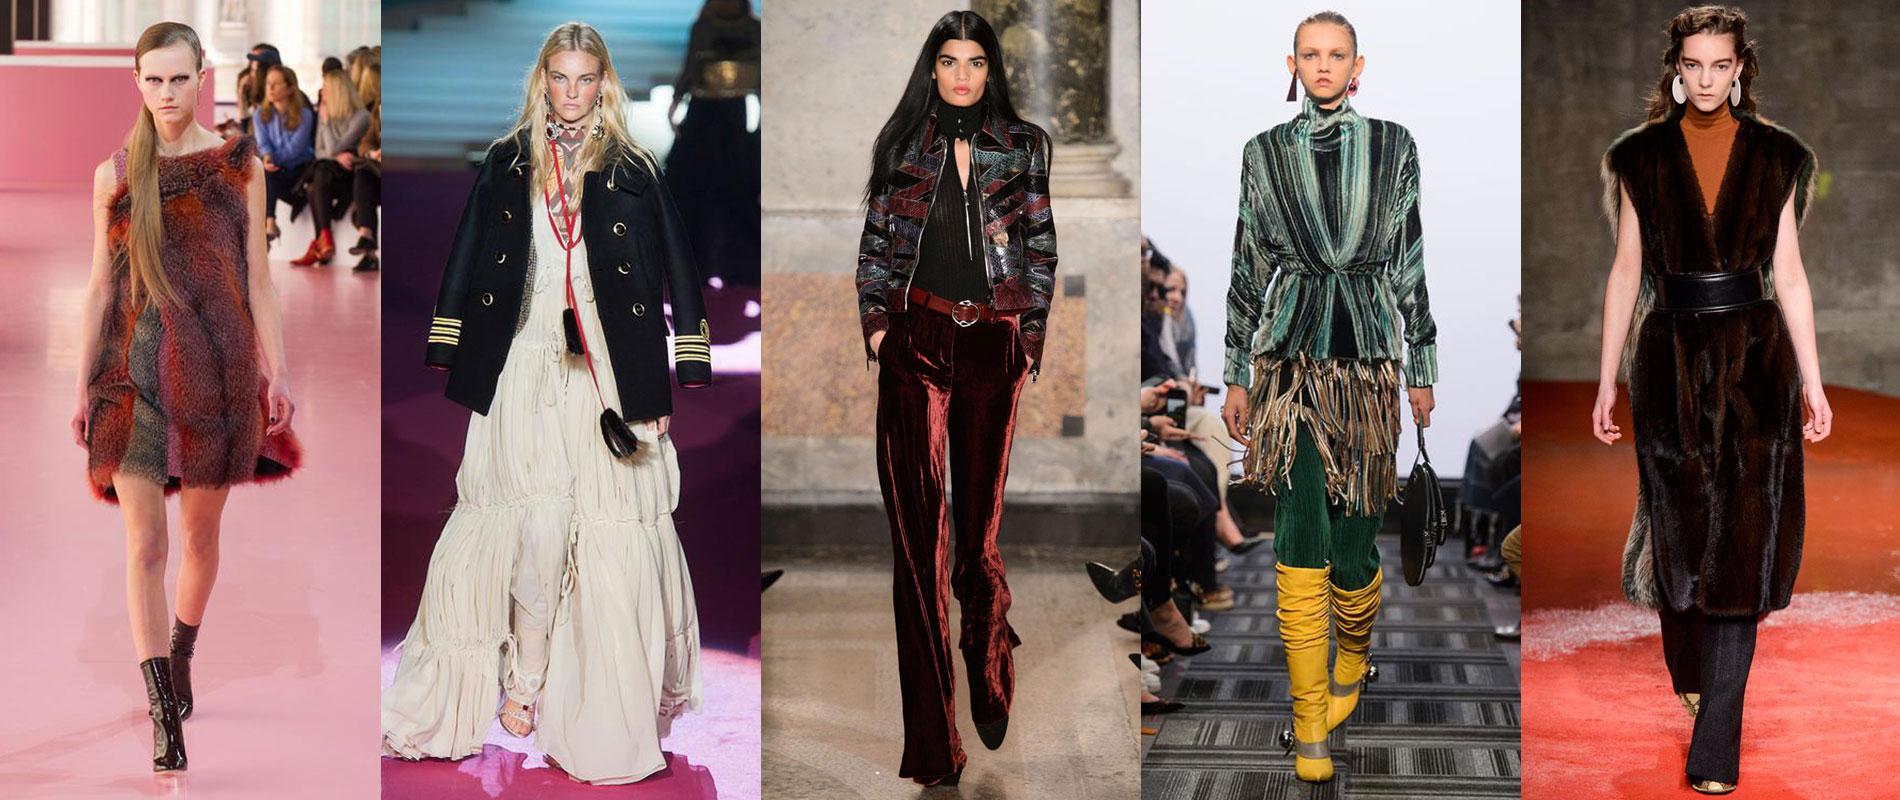 Toutes les tendances de l 39 automne hiver 2015 2016 madame Fashion style girl hiver 2015